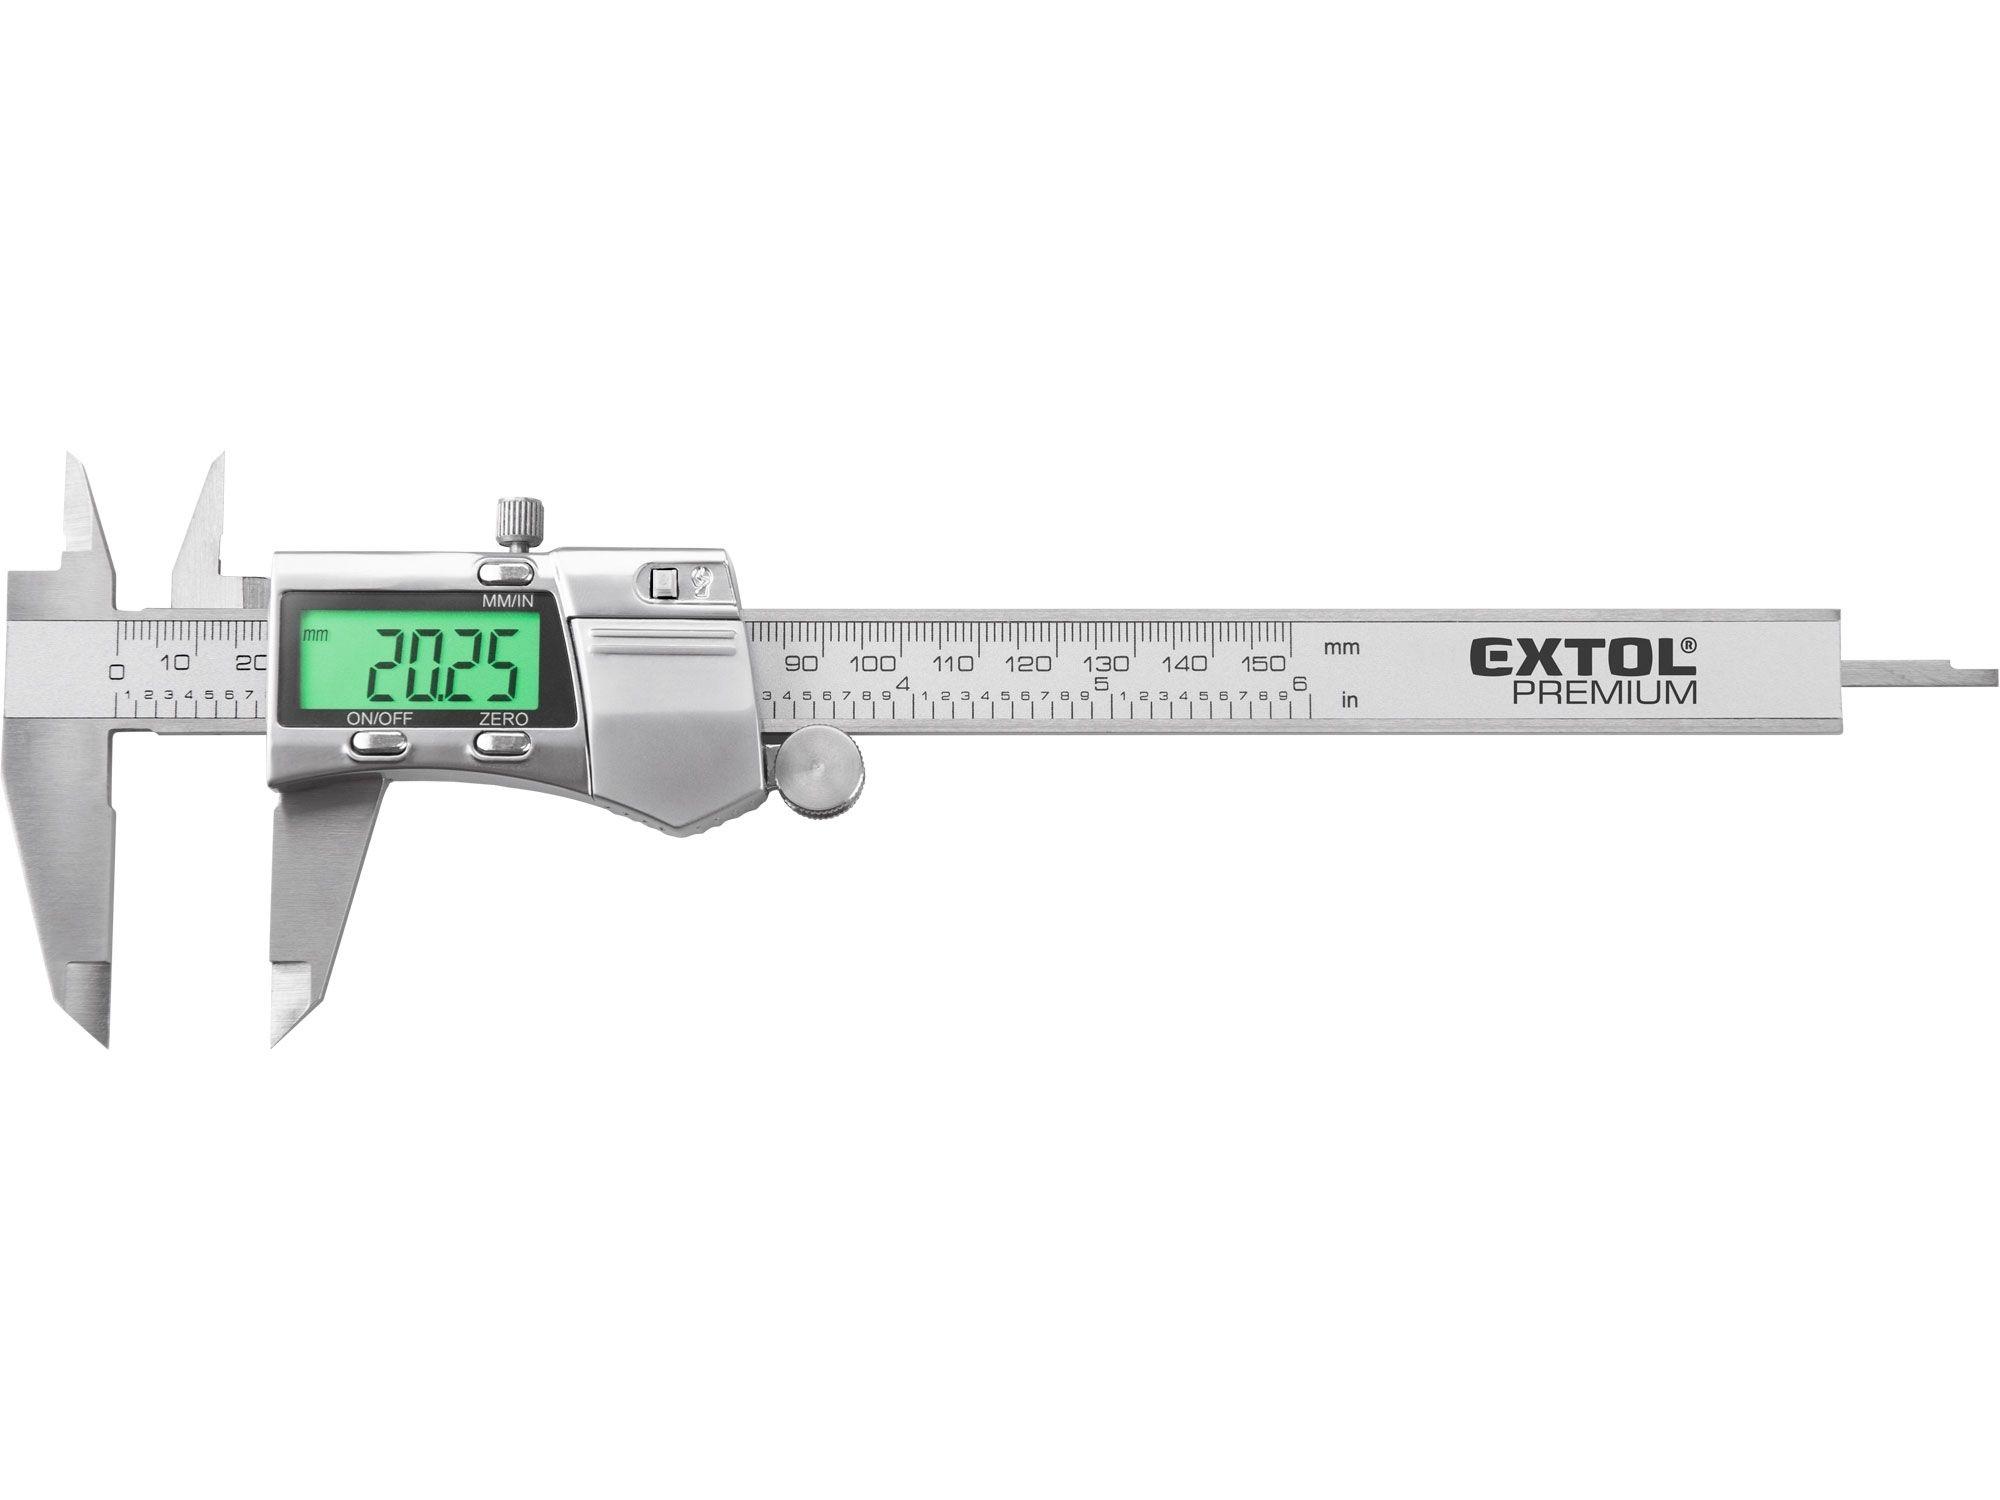 Měřítko posuvné digit. nerez, 0-150mm, podsvícení displeje EXTOL PREMIUM